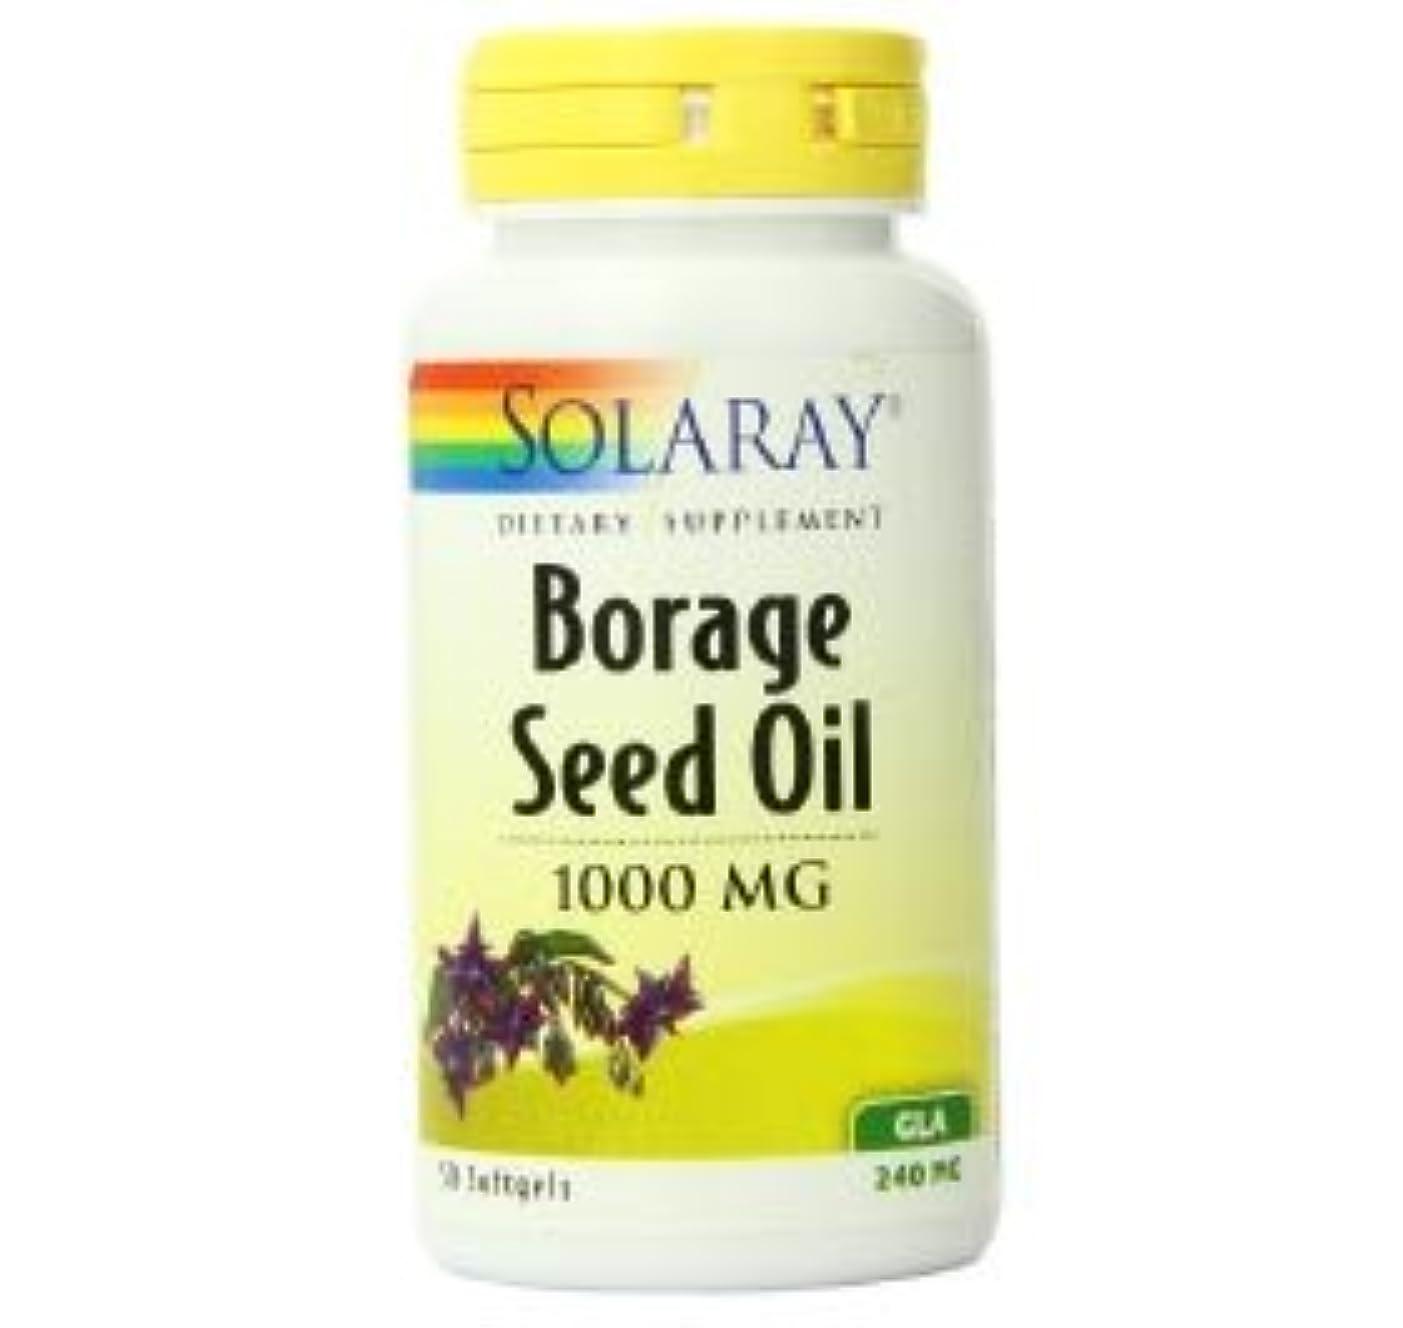 センブランス蓮矢【海外直送品】SOLARAY - Borage seed oil - 50softgel ボラージシードオイル